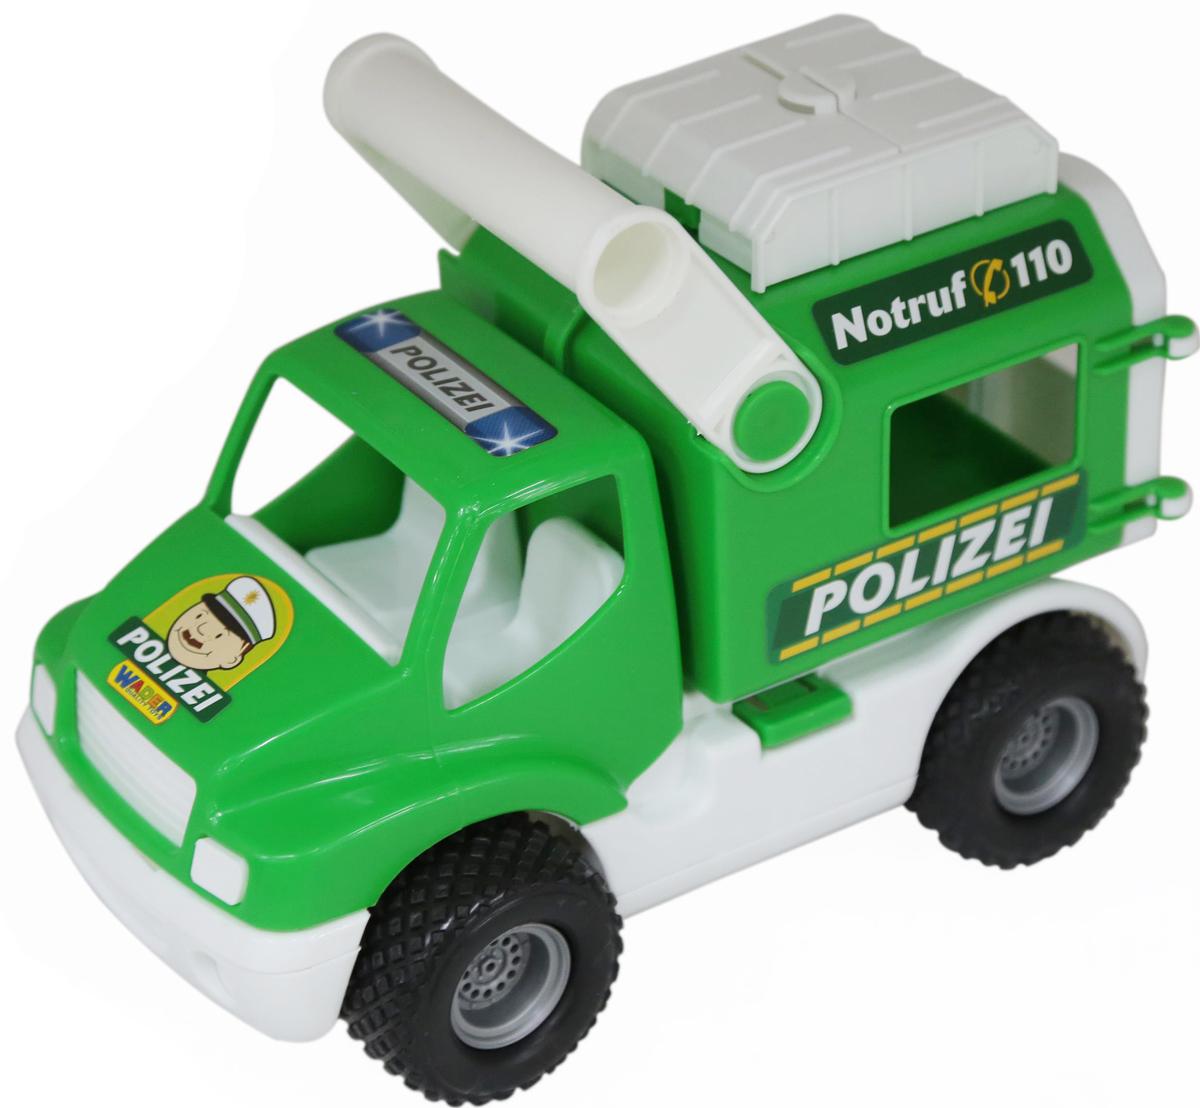 Полесье Полицейский автомобиль КонсТрак полесье автомобиль сталкер полесье